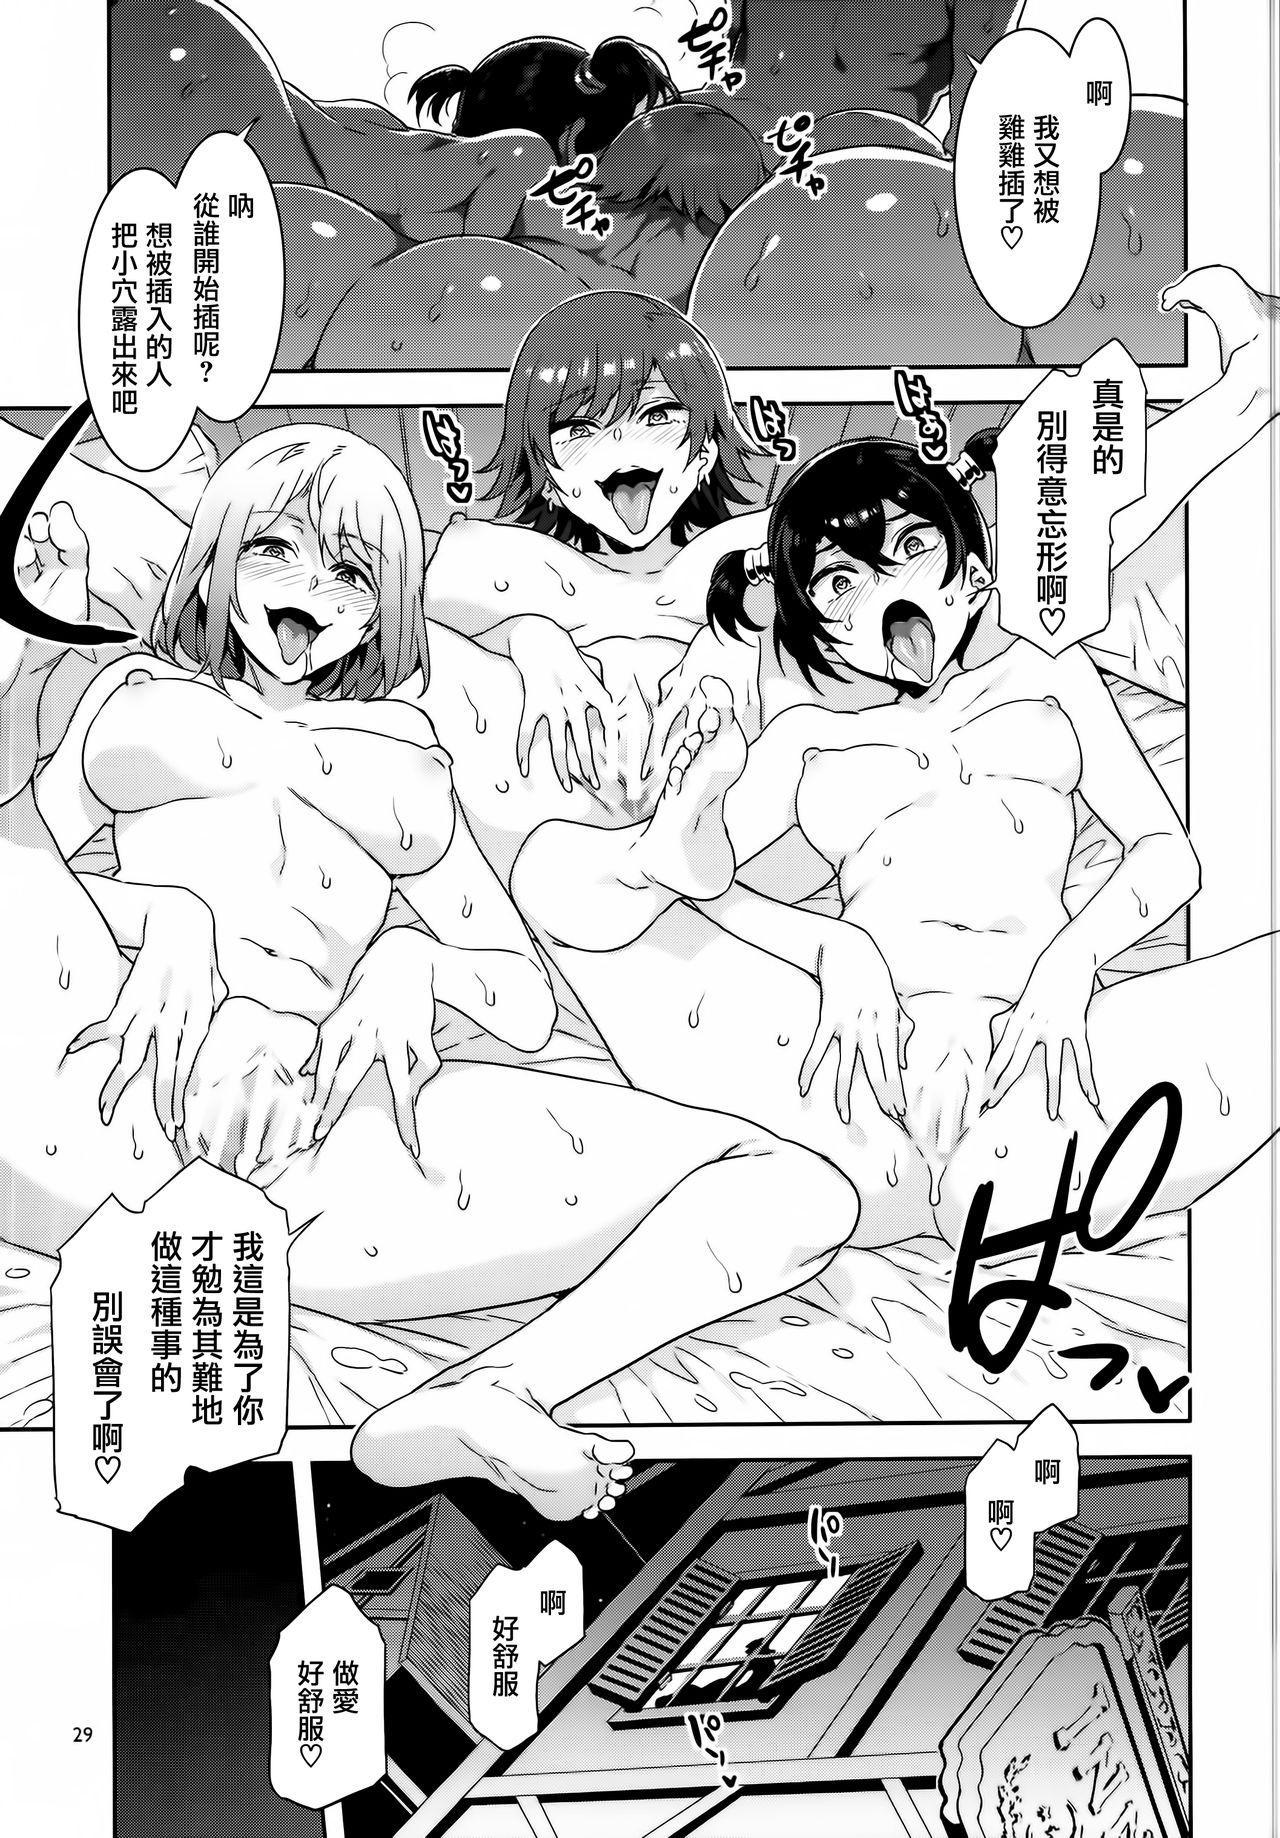 Seiyoku ni Shoujiki Sugiru Shota Yuusha 29